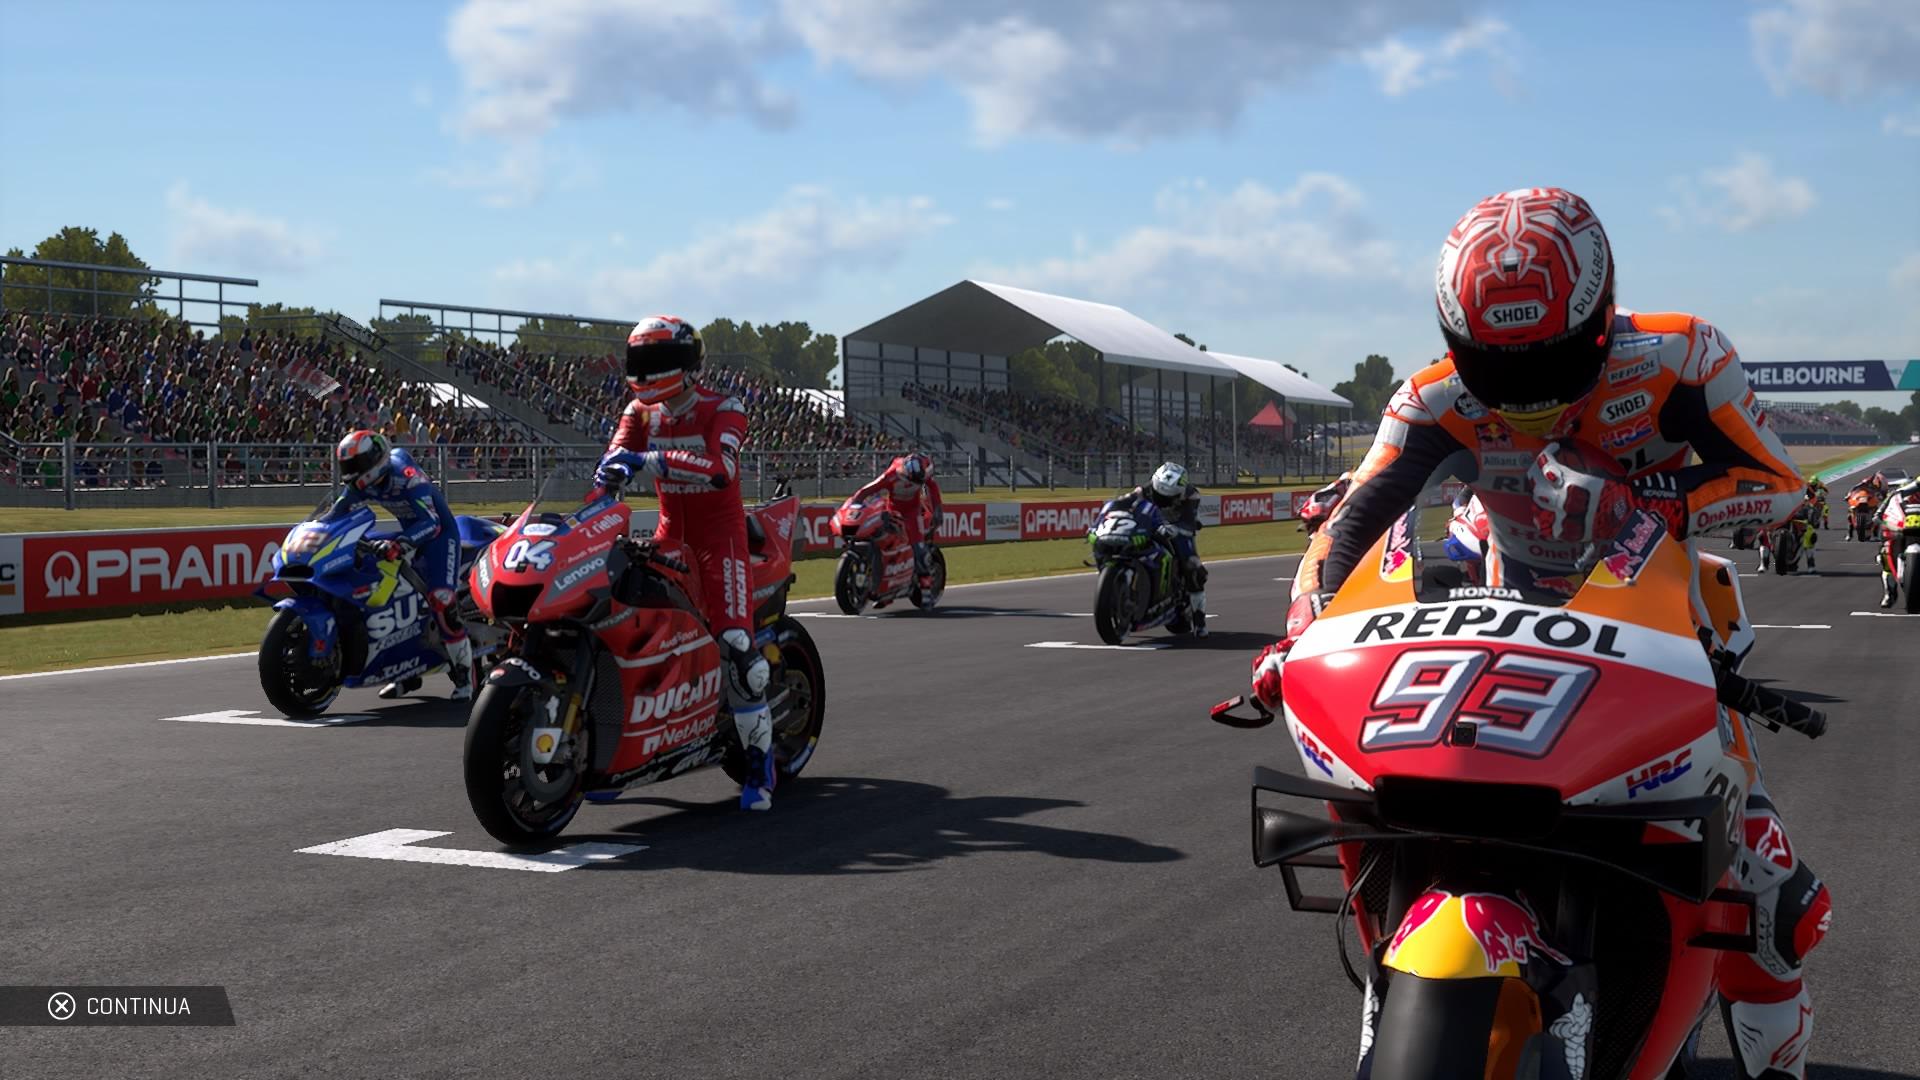 Moto GP 19 sulla griglia di partenza